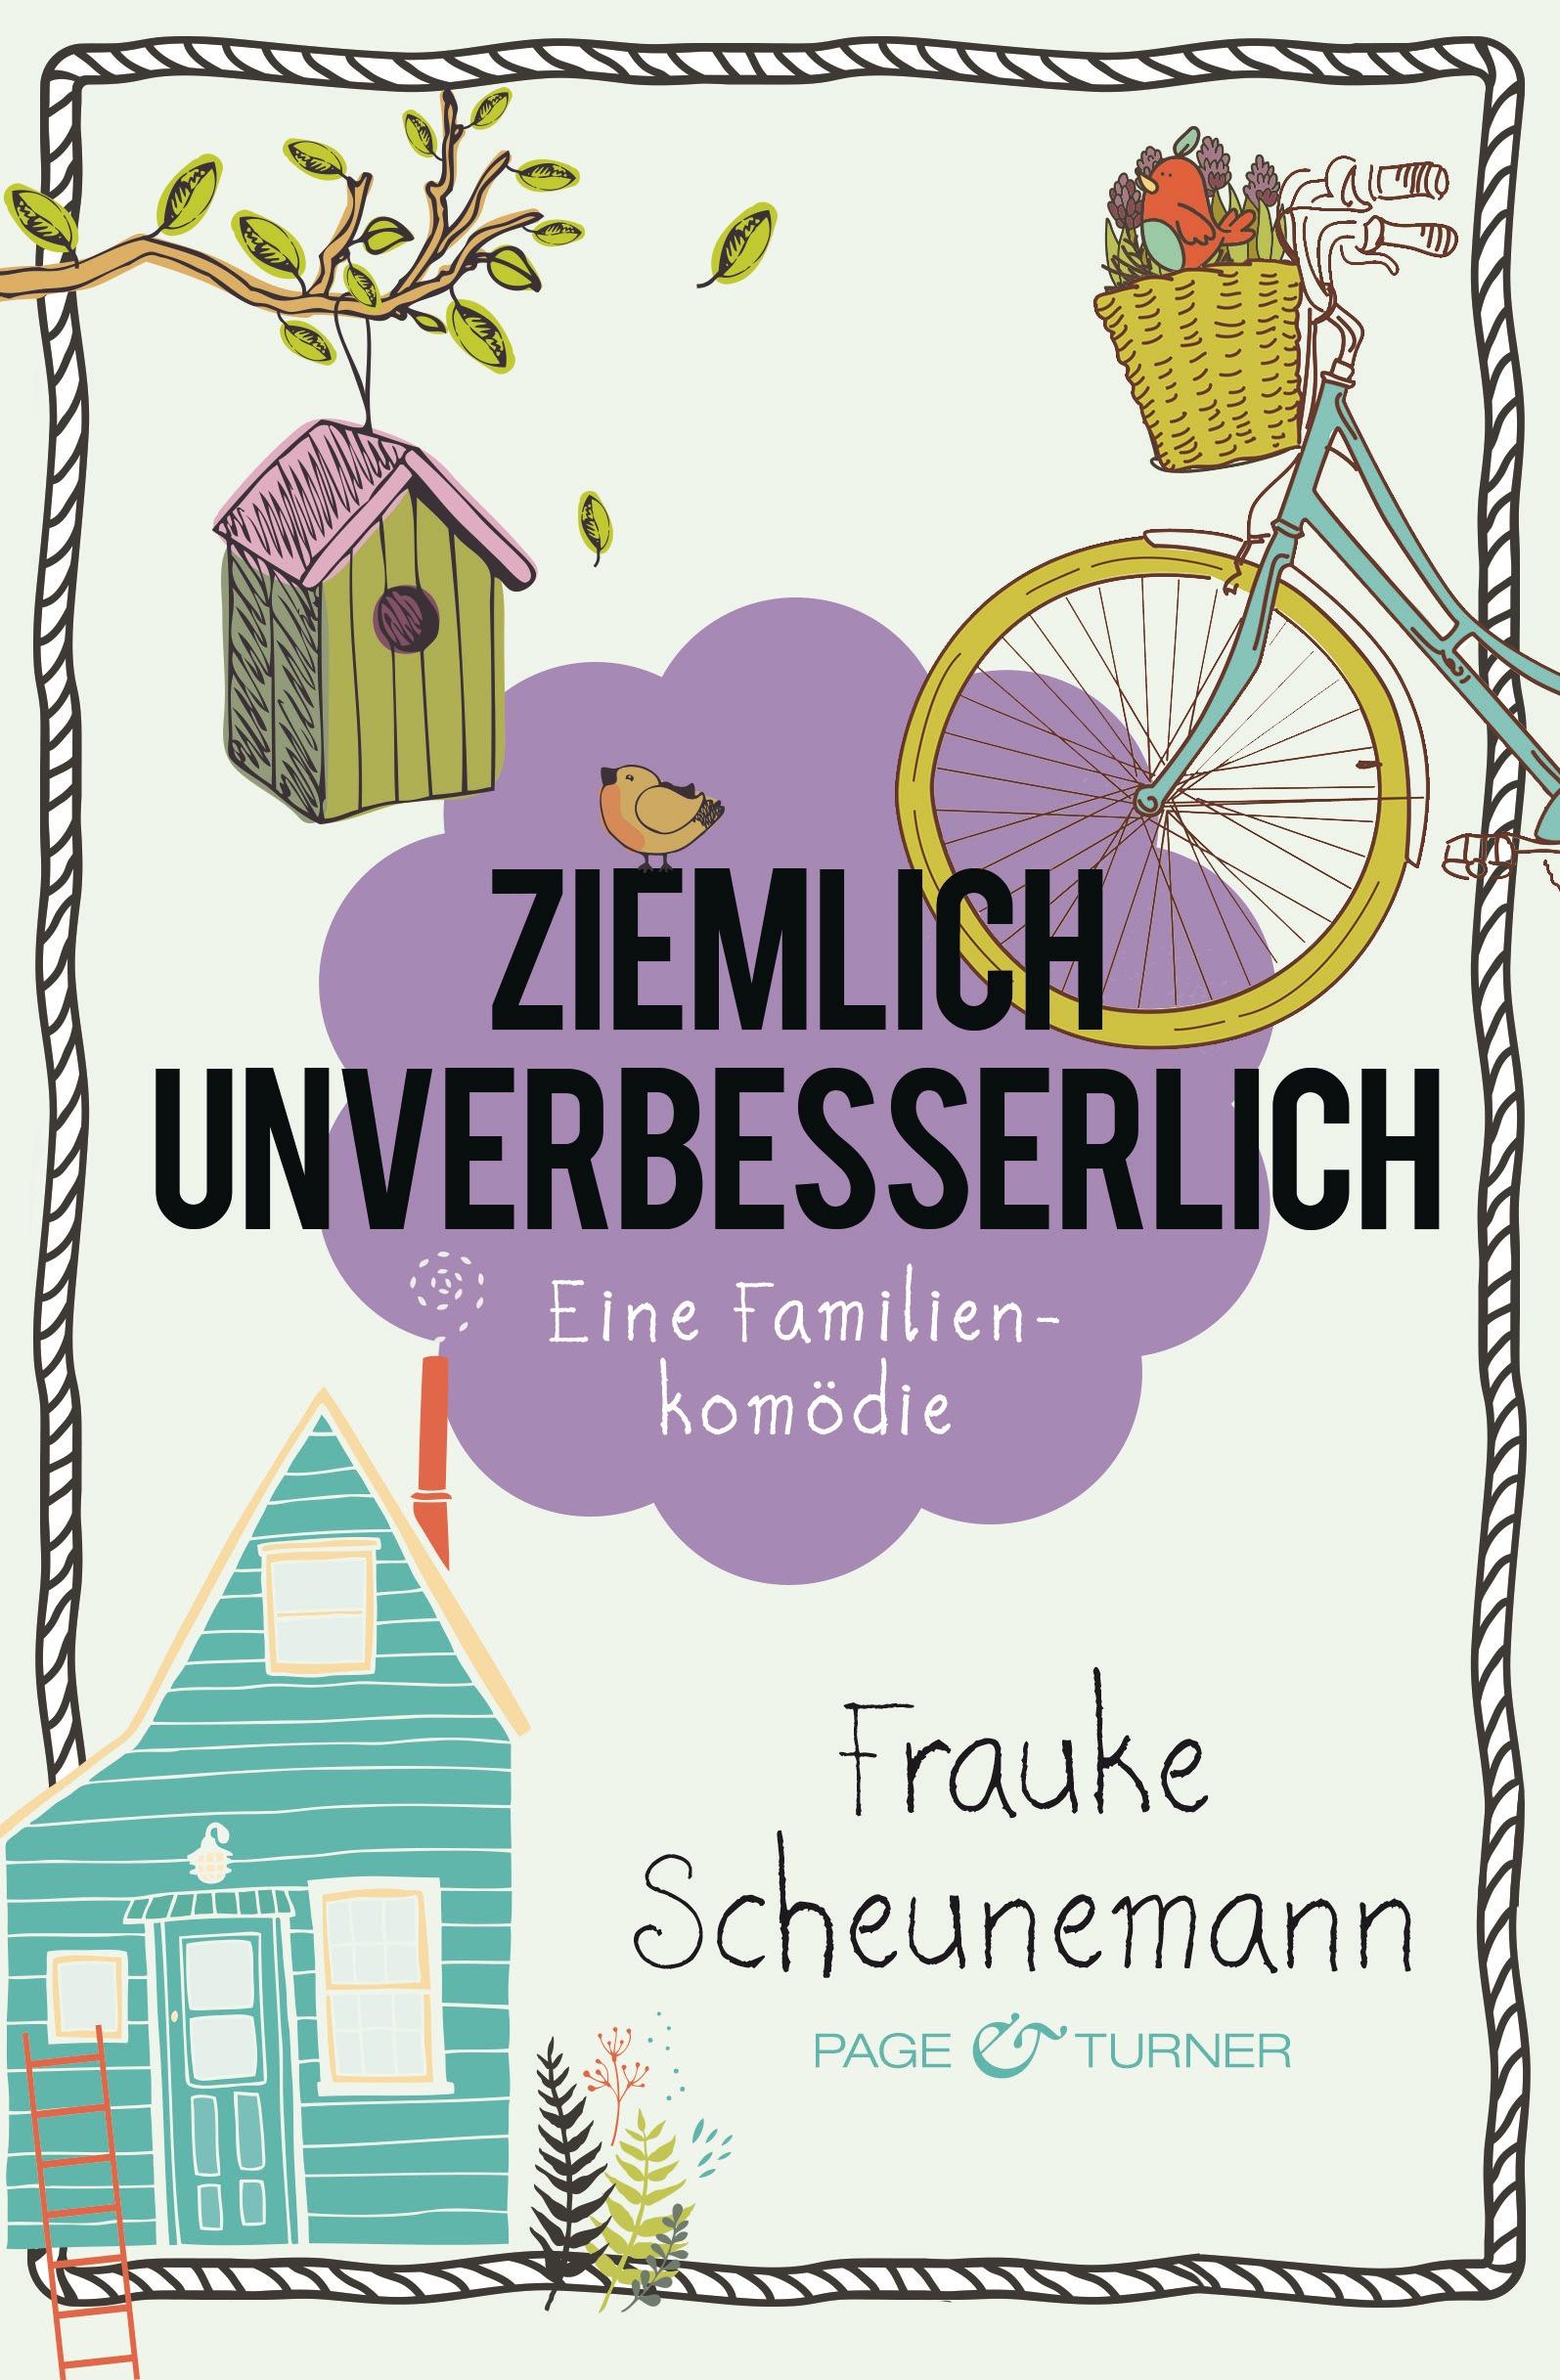 Ziemlich unverbesserlich: Eine Familienkomödie - Frauke Scheunemann